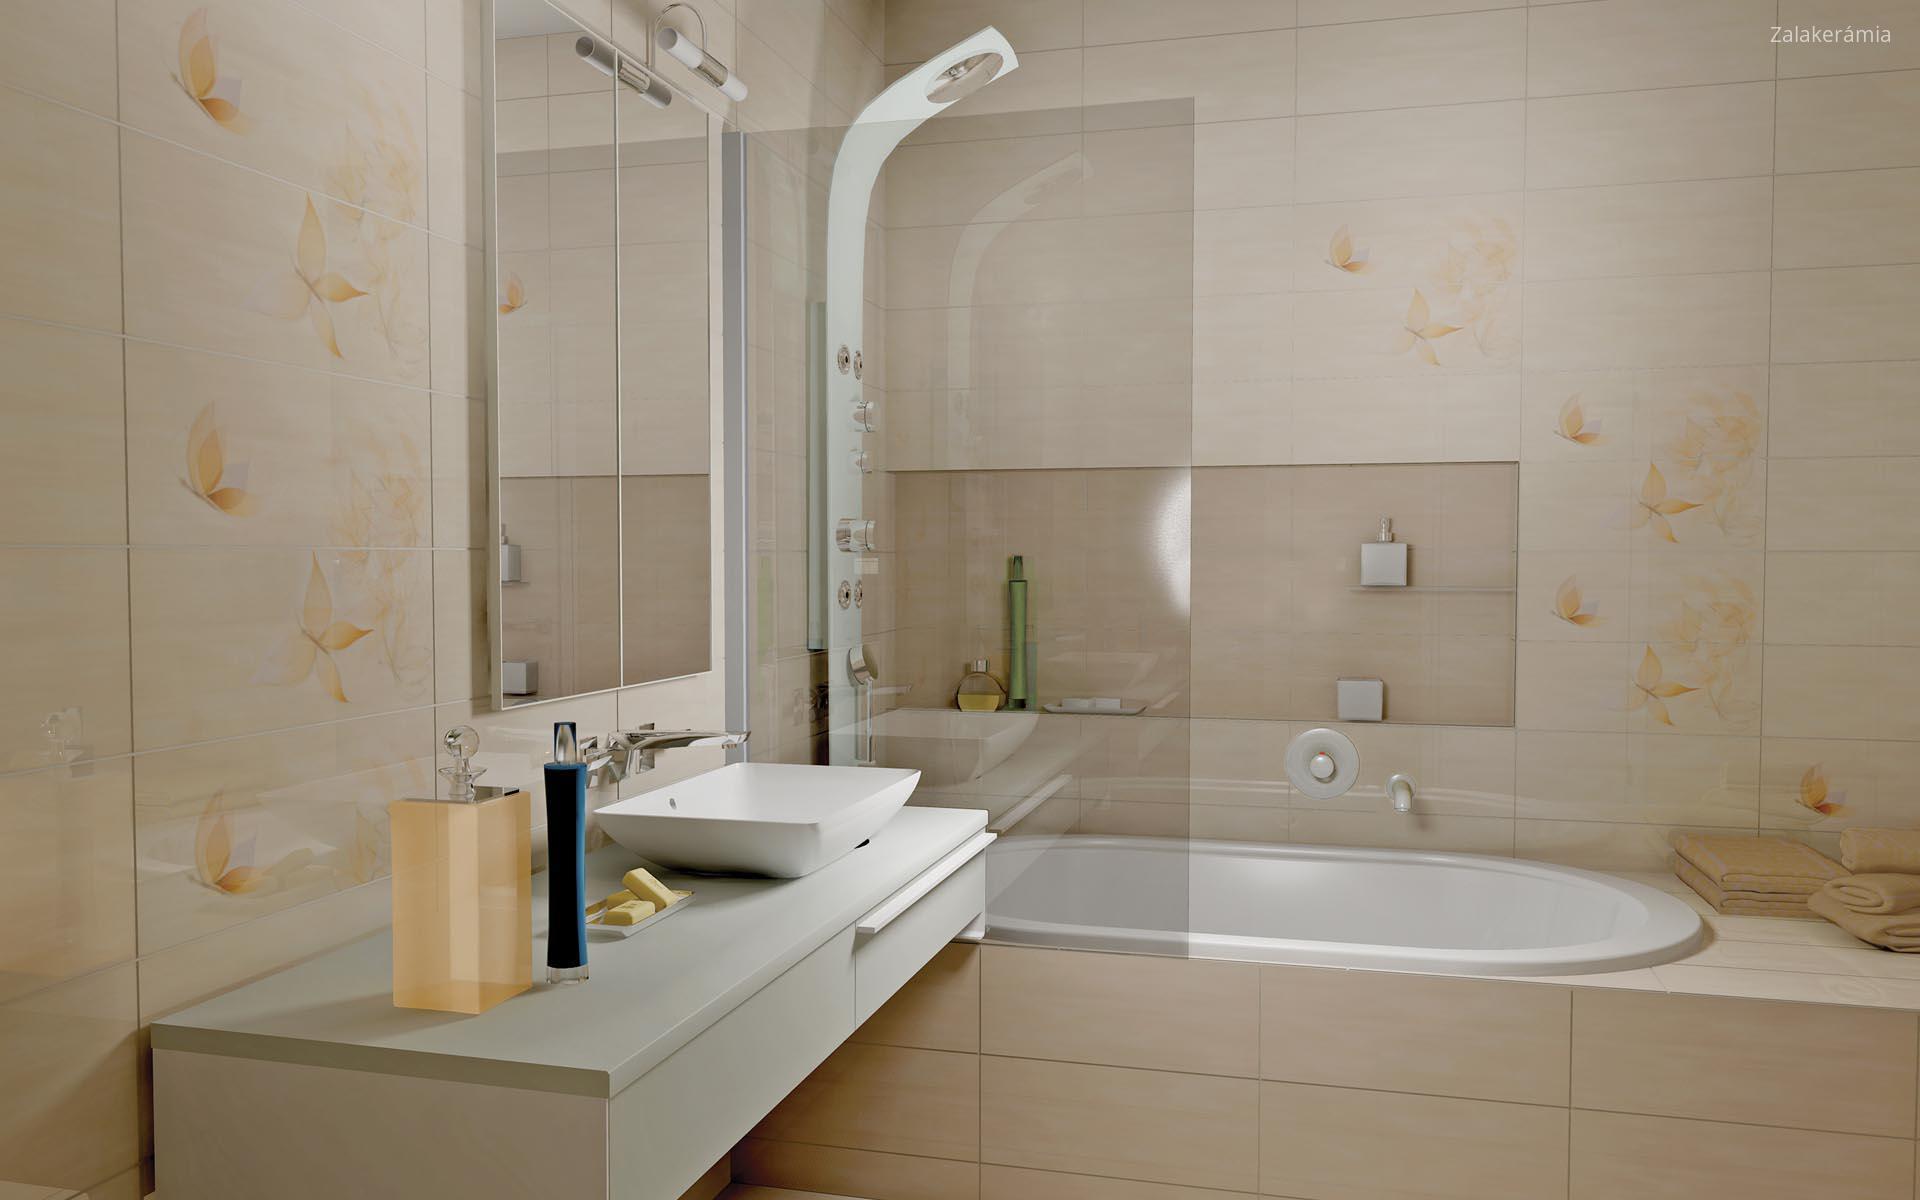 AZALI fürdőszoba burkolat // HOMEINFO.hu - Inspirációtár